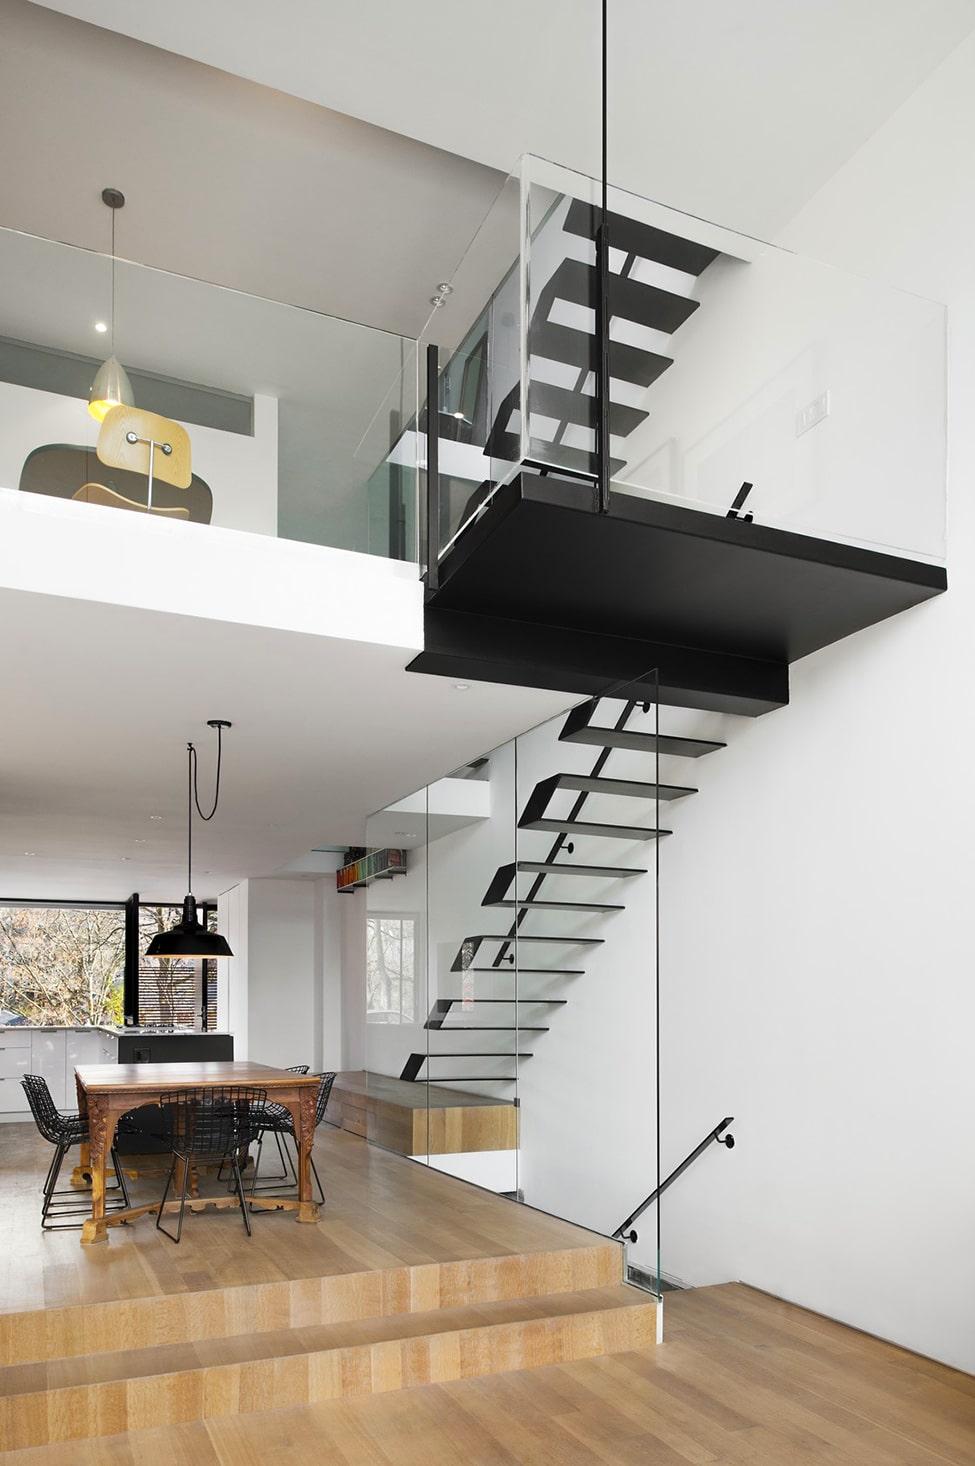 Planos de casa angosta y larga - Casas con escaleras interiores ...